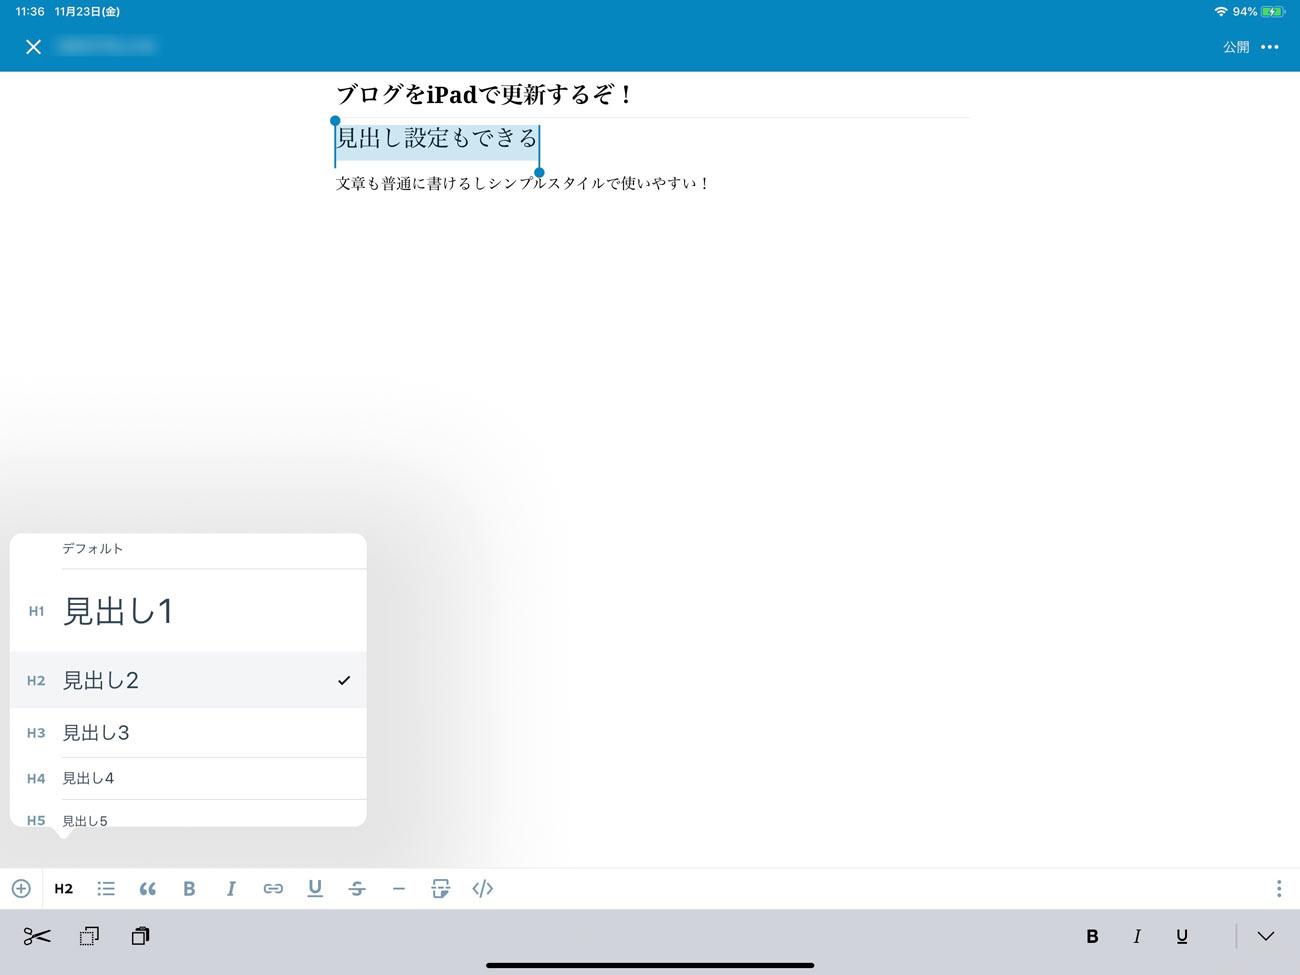 iPad版ワードプレスのアプリ 見出し設定